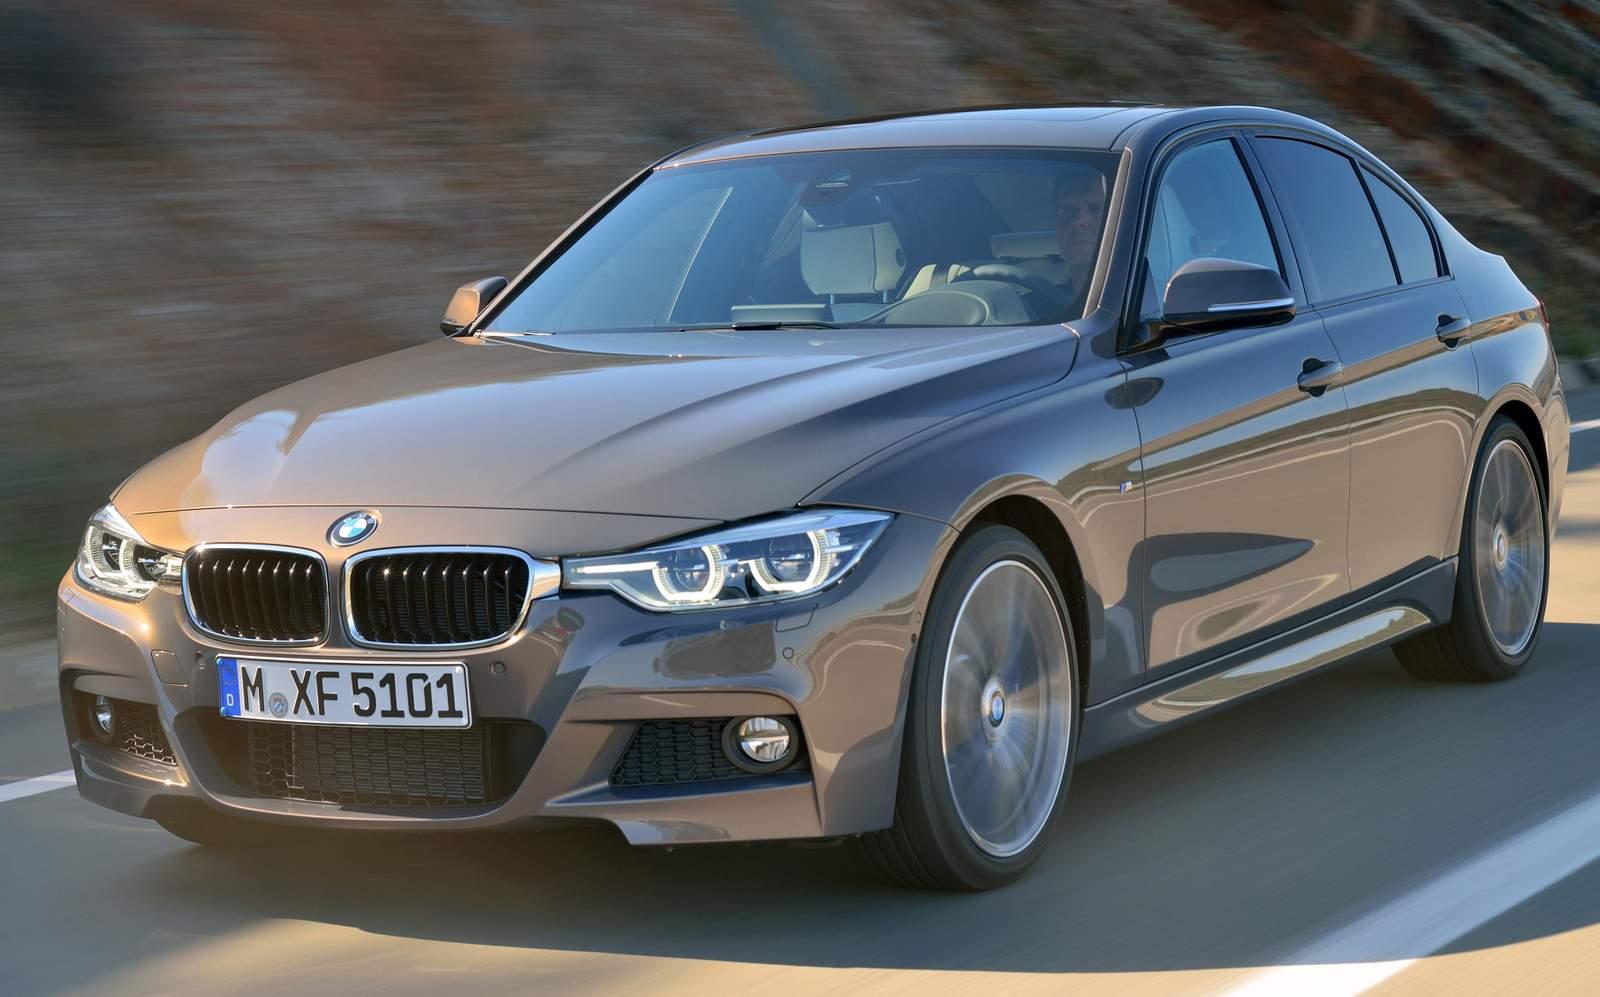 BMW Série 3 - segundo modelo mais vendido na Europa